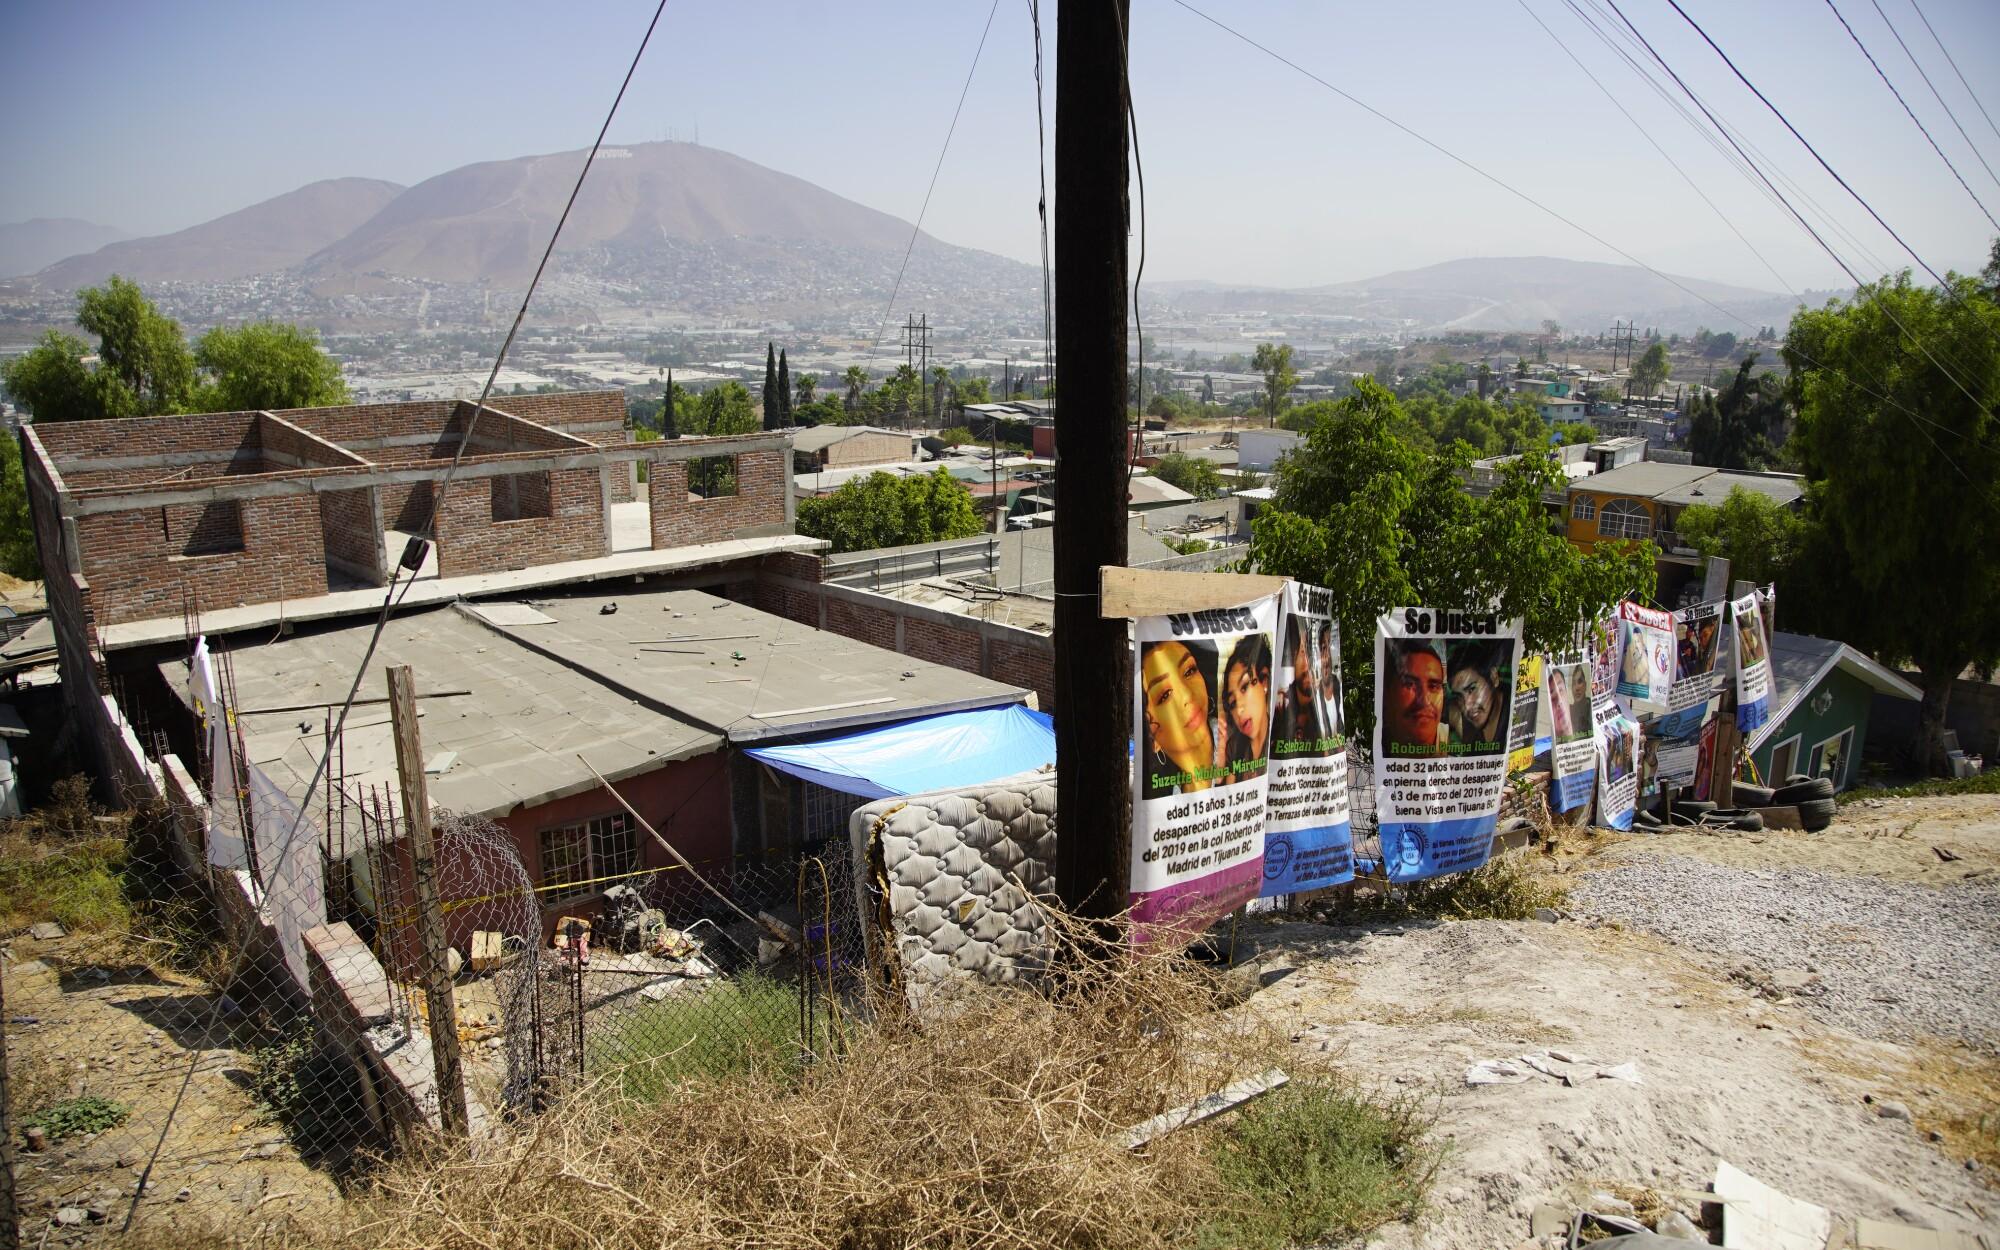 Los padres han puesto pancartas de sus desaparecidos en una propiedad de Tijuana